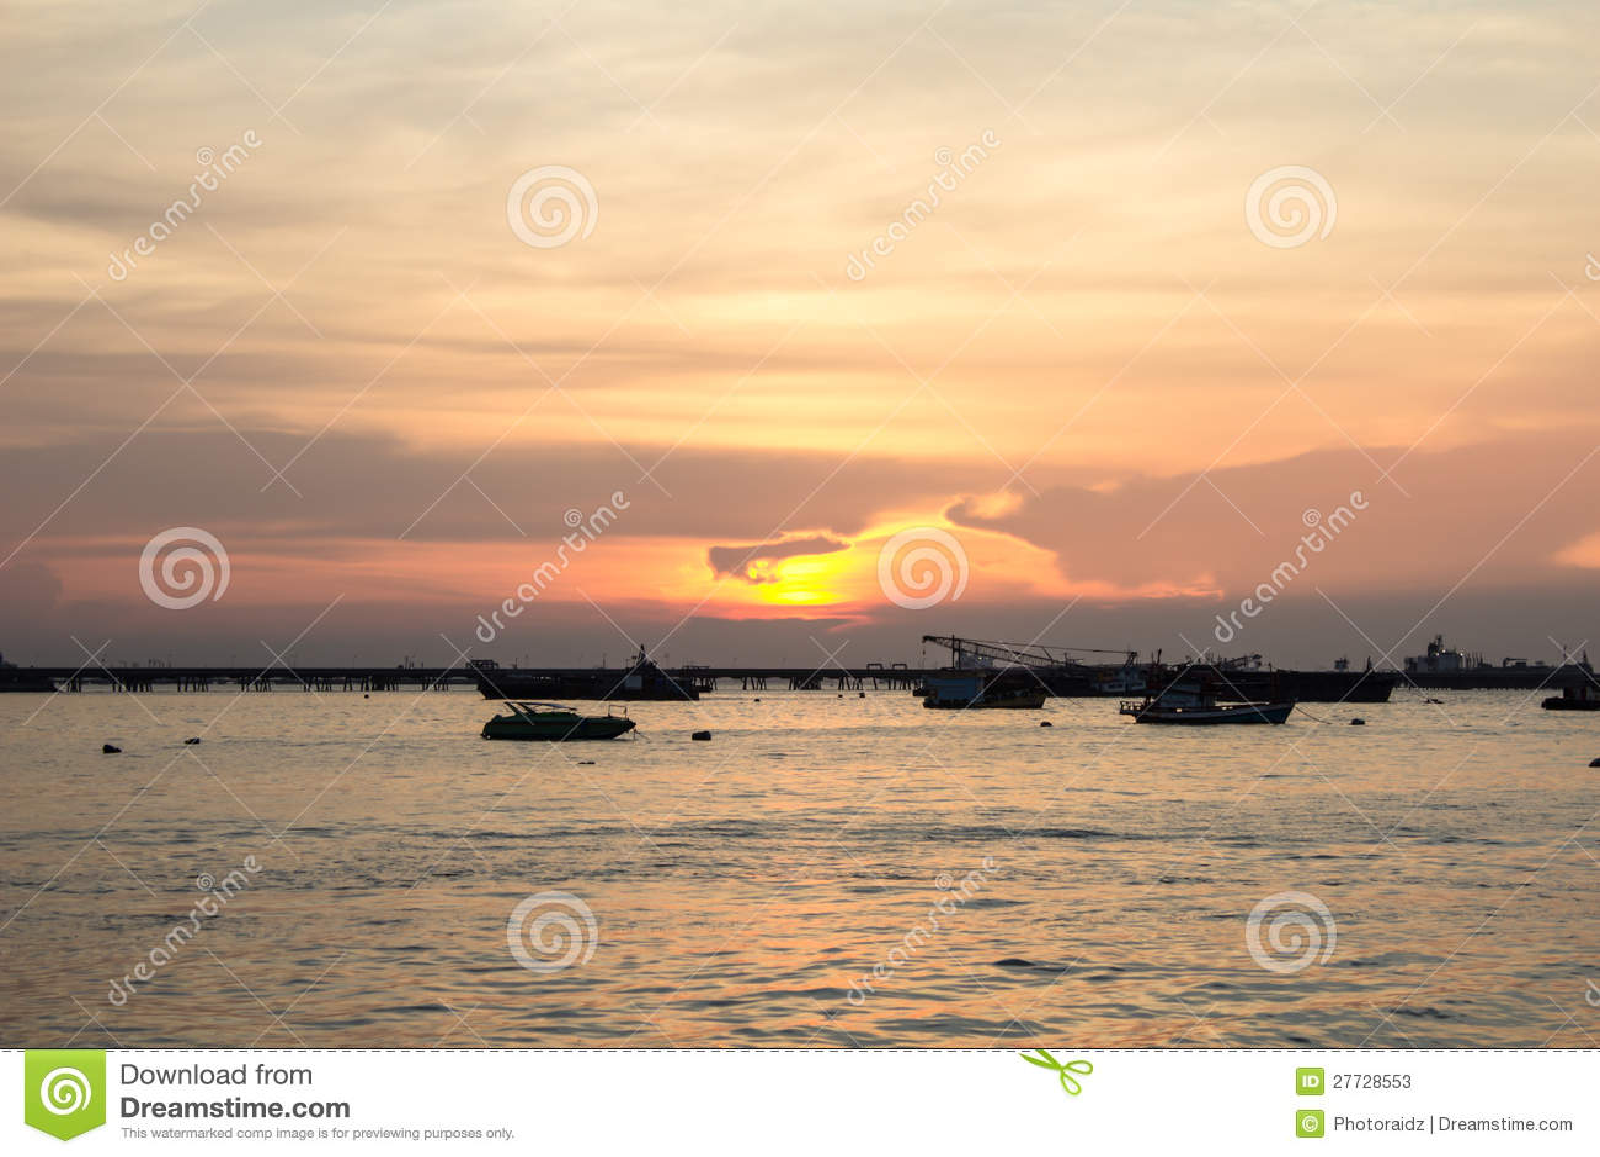 Sonnenuntergang an der Hochseefischerei.